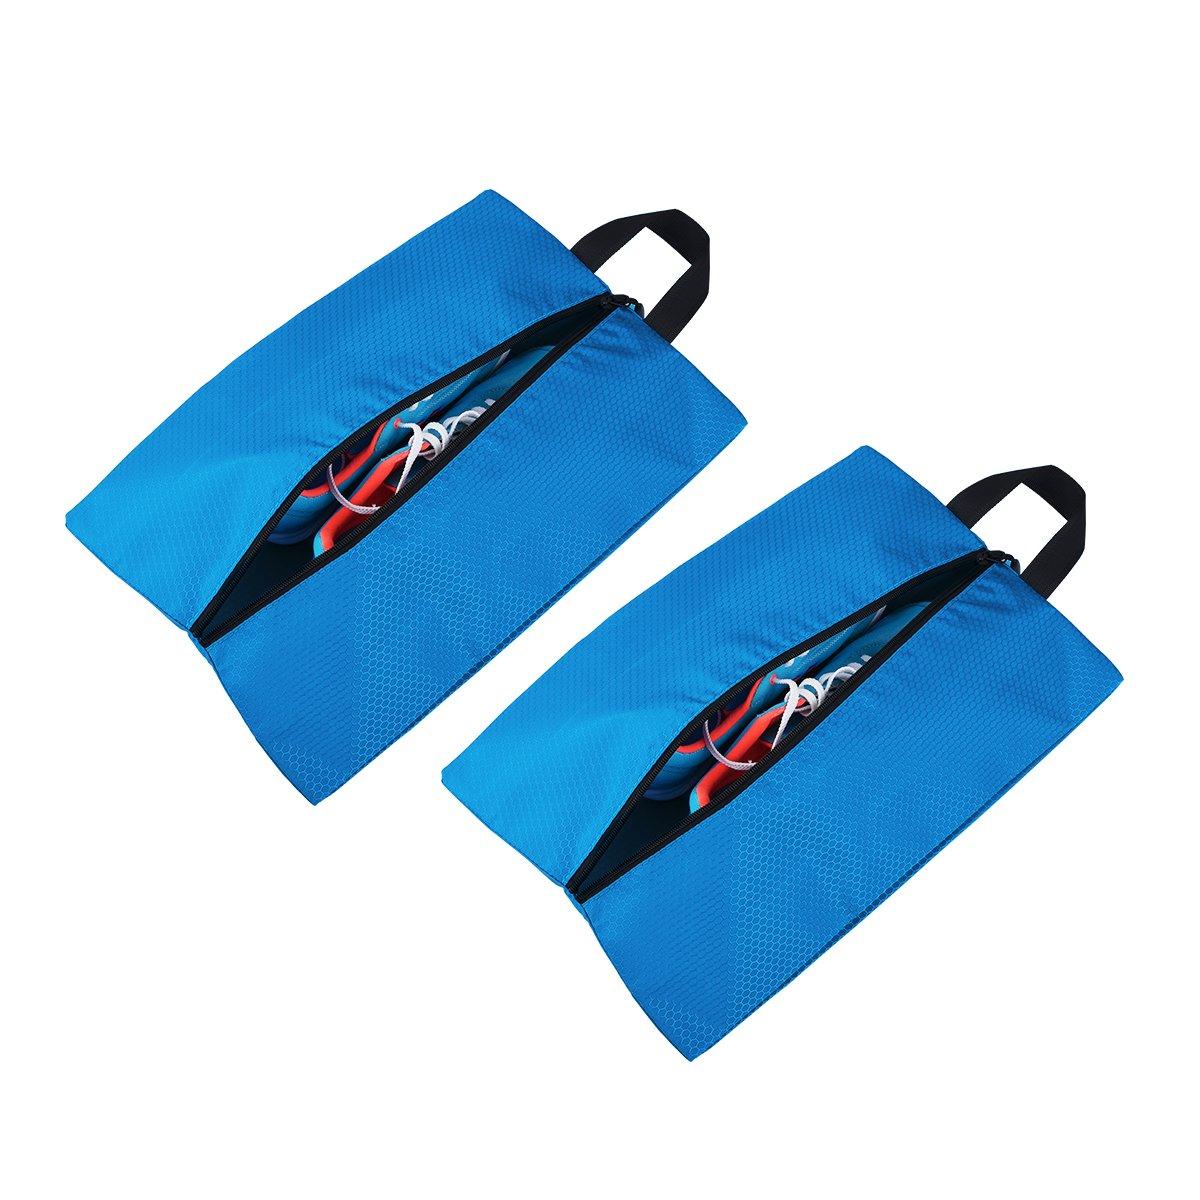 Tyhbelle Schuhtasche 2er Set   Wasserfeste Schuhbeutel Reise, Koffer, Gepäck (2er-Schuhtasche,Blau) Gepäck (2er-Schuhtasche bbJJSN0090 Schuhtasche Blau